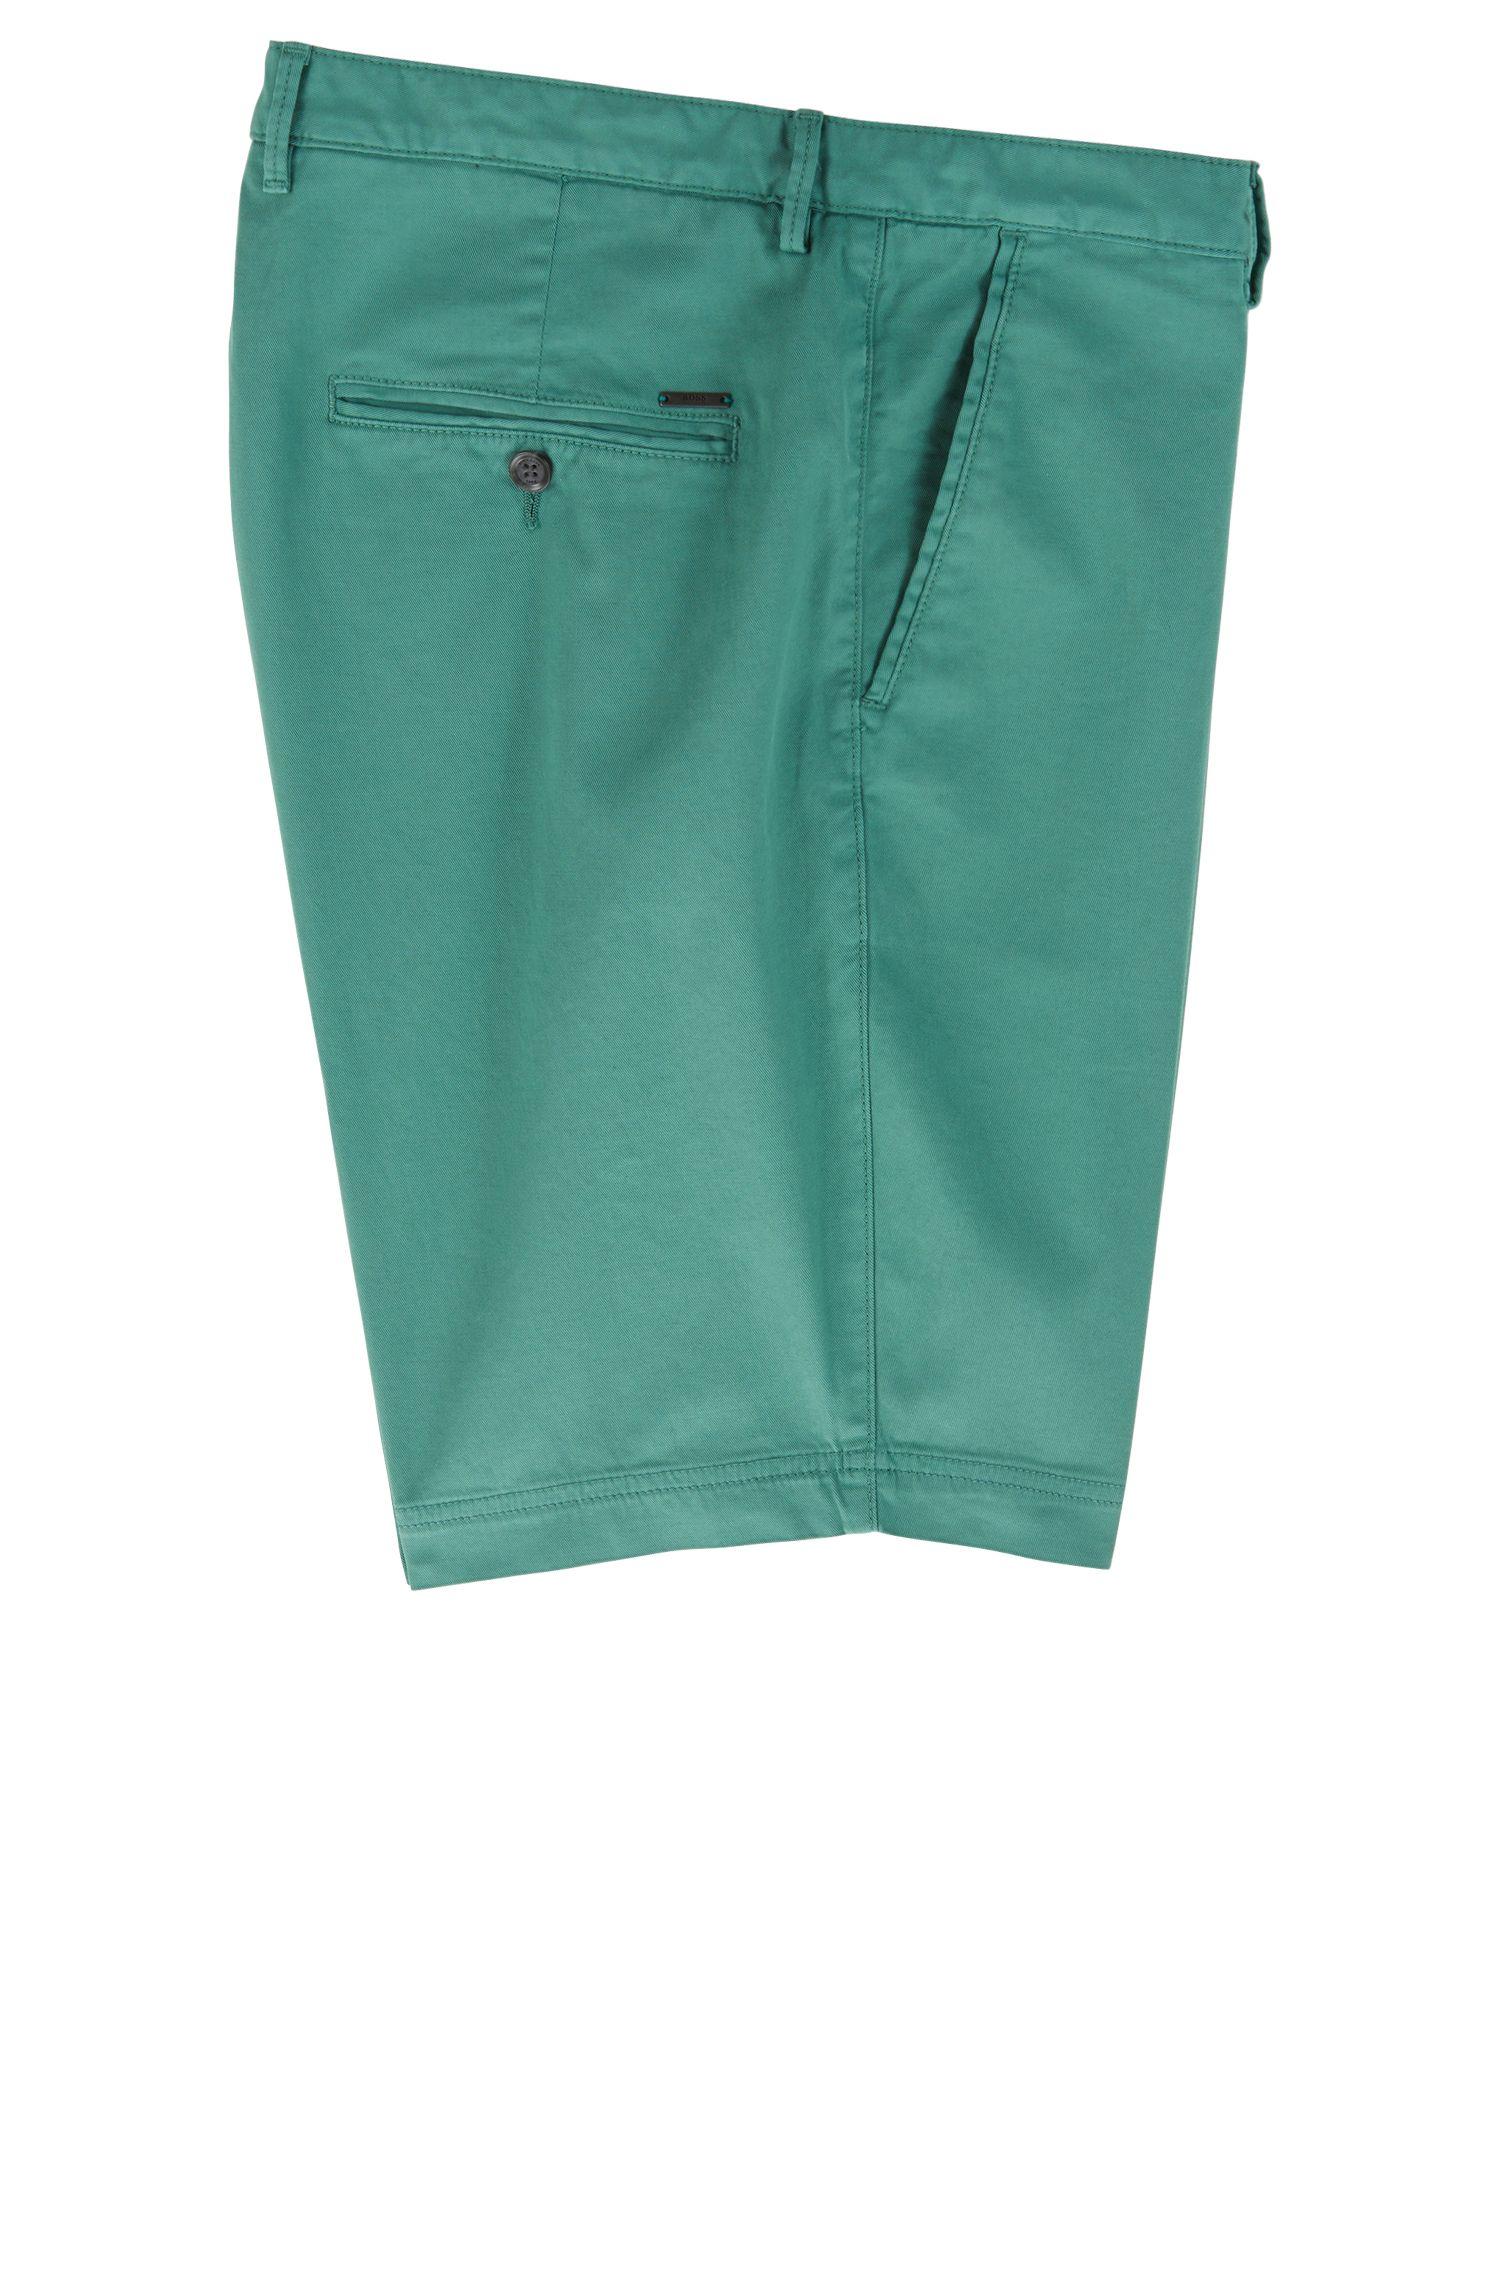 Shorts slim fit en sarga de algodón elástico, Cal